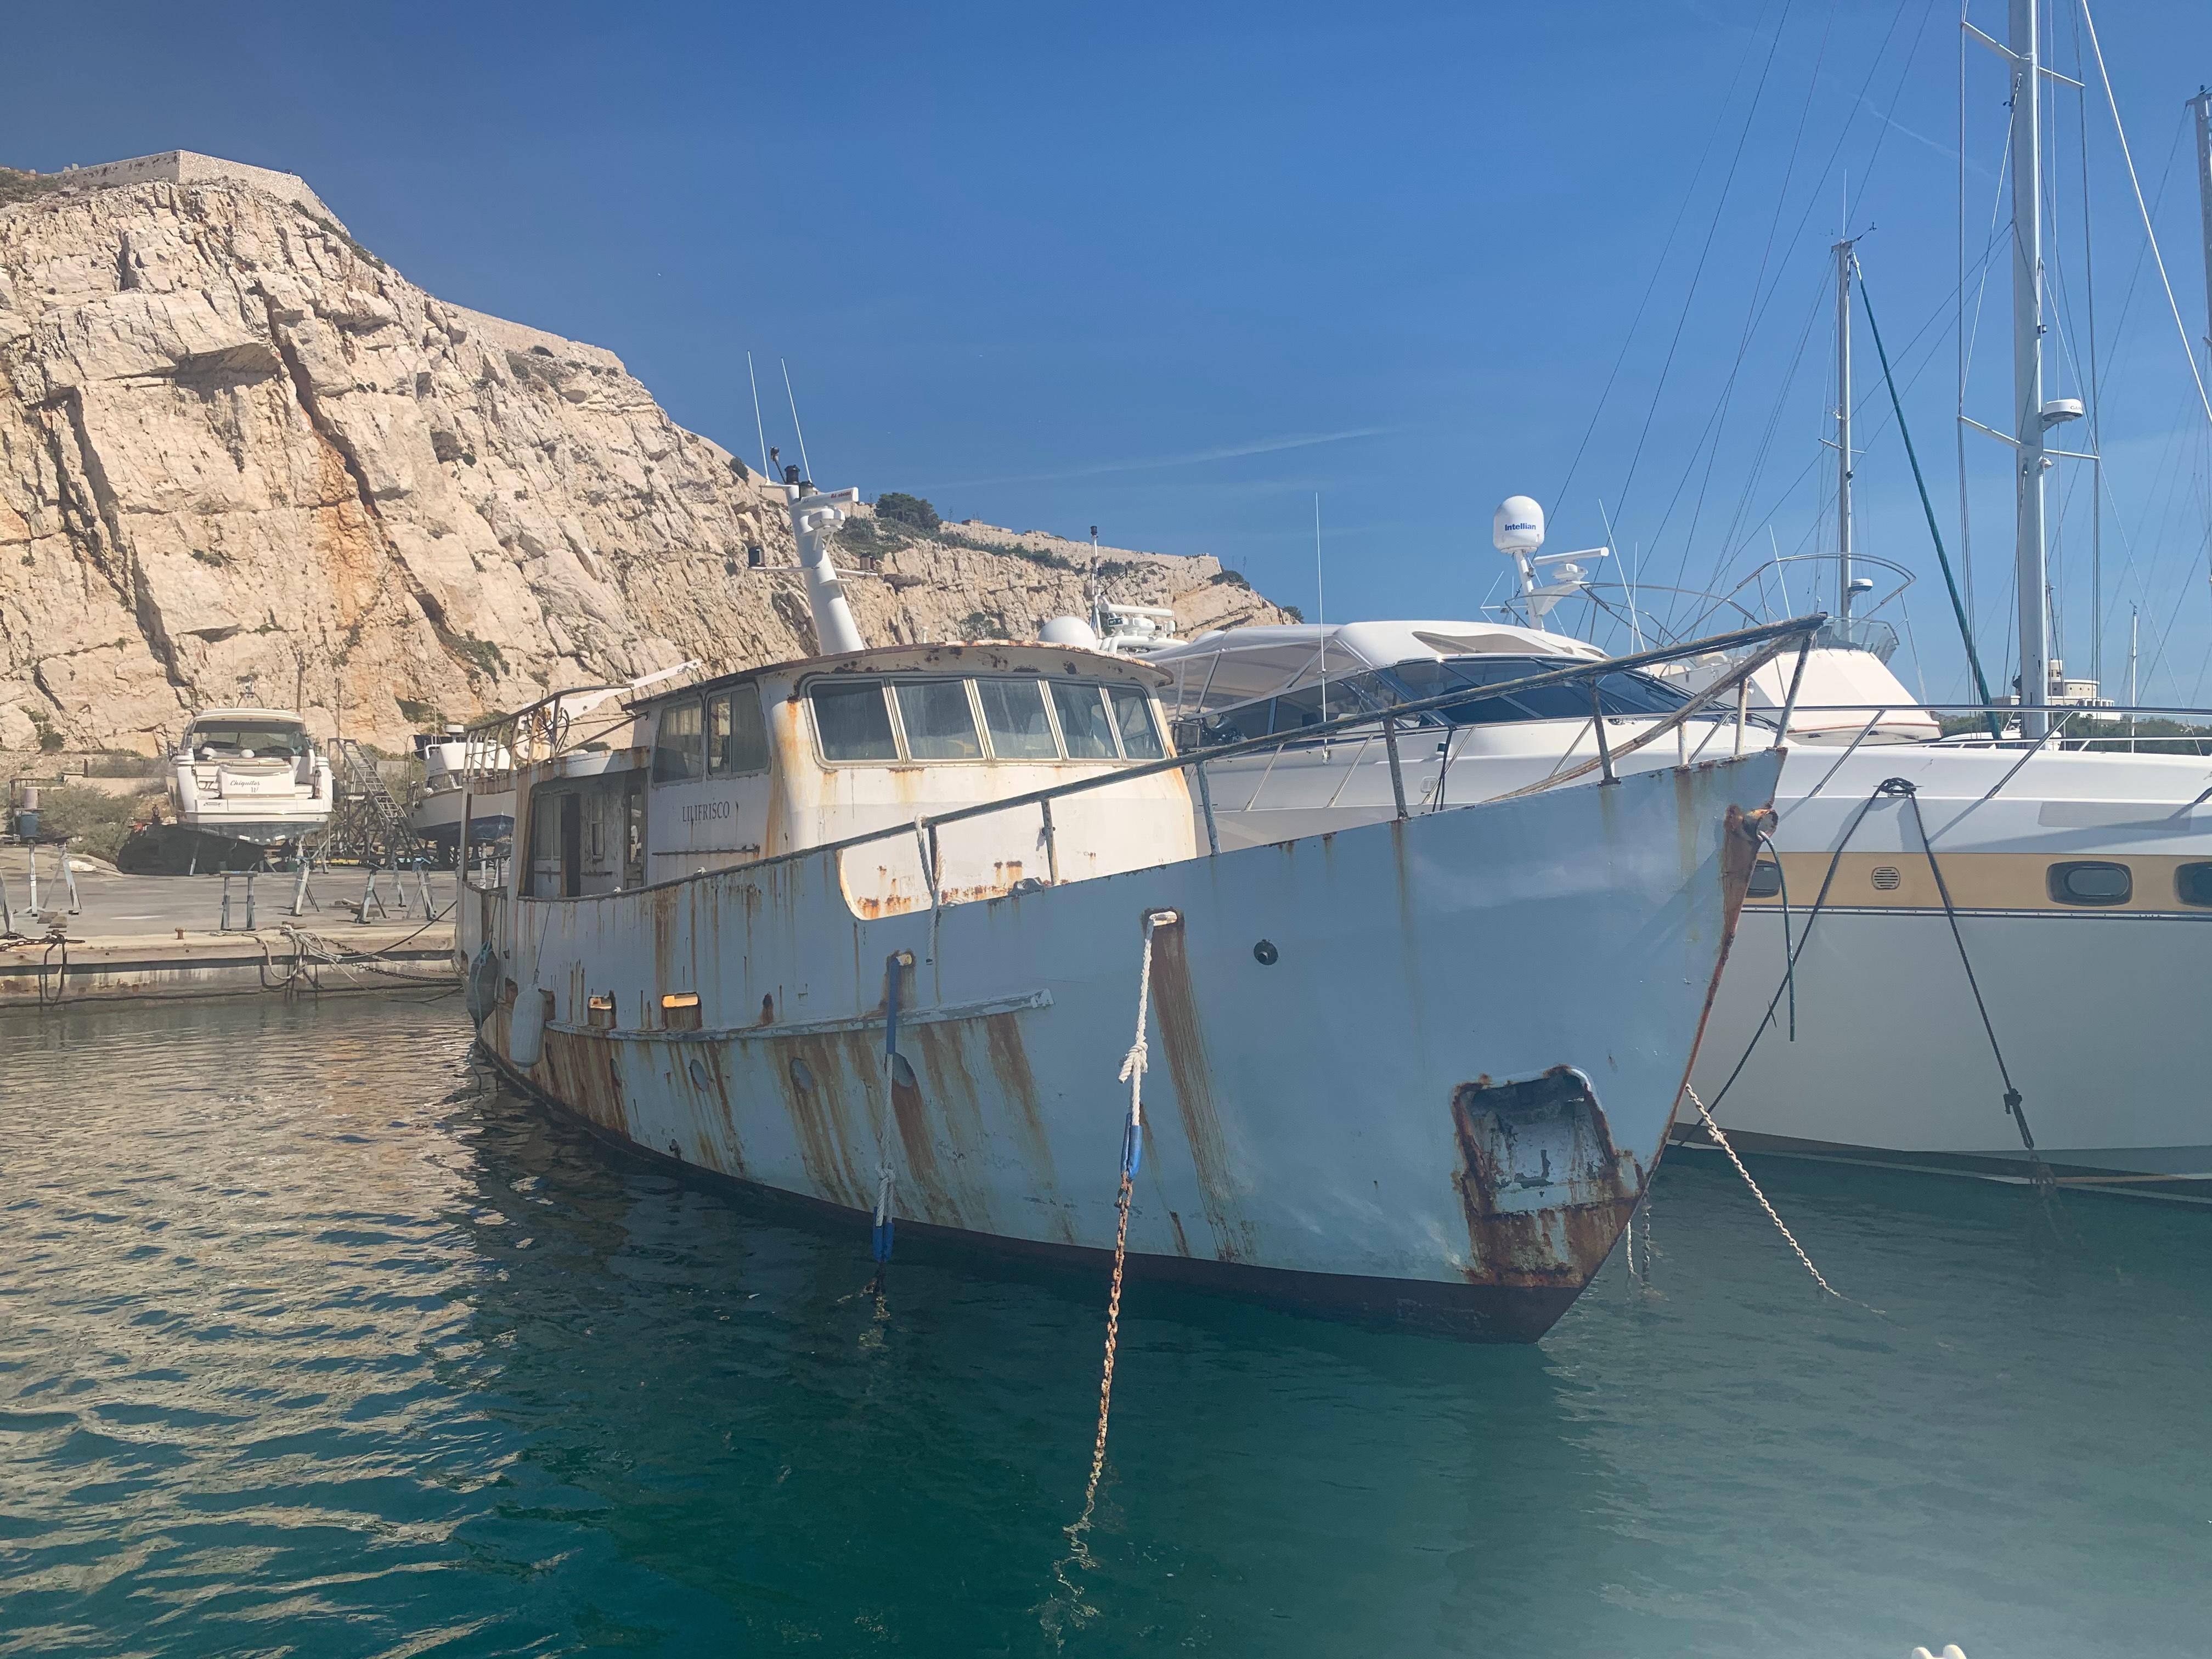 www.boats.com